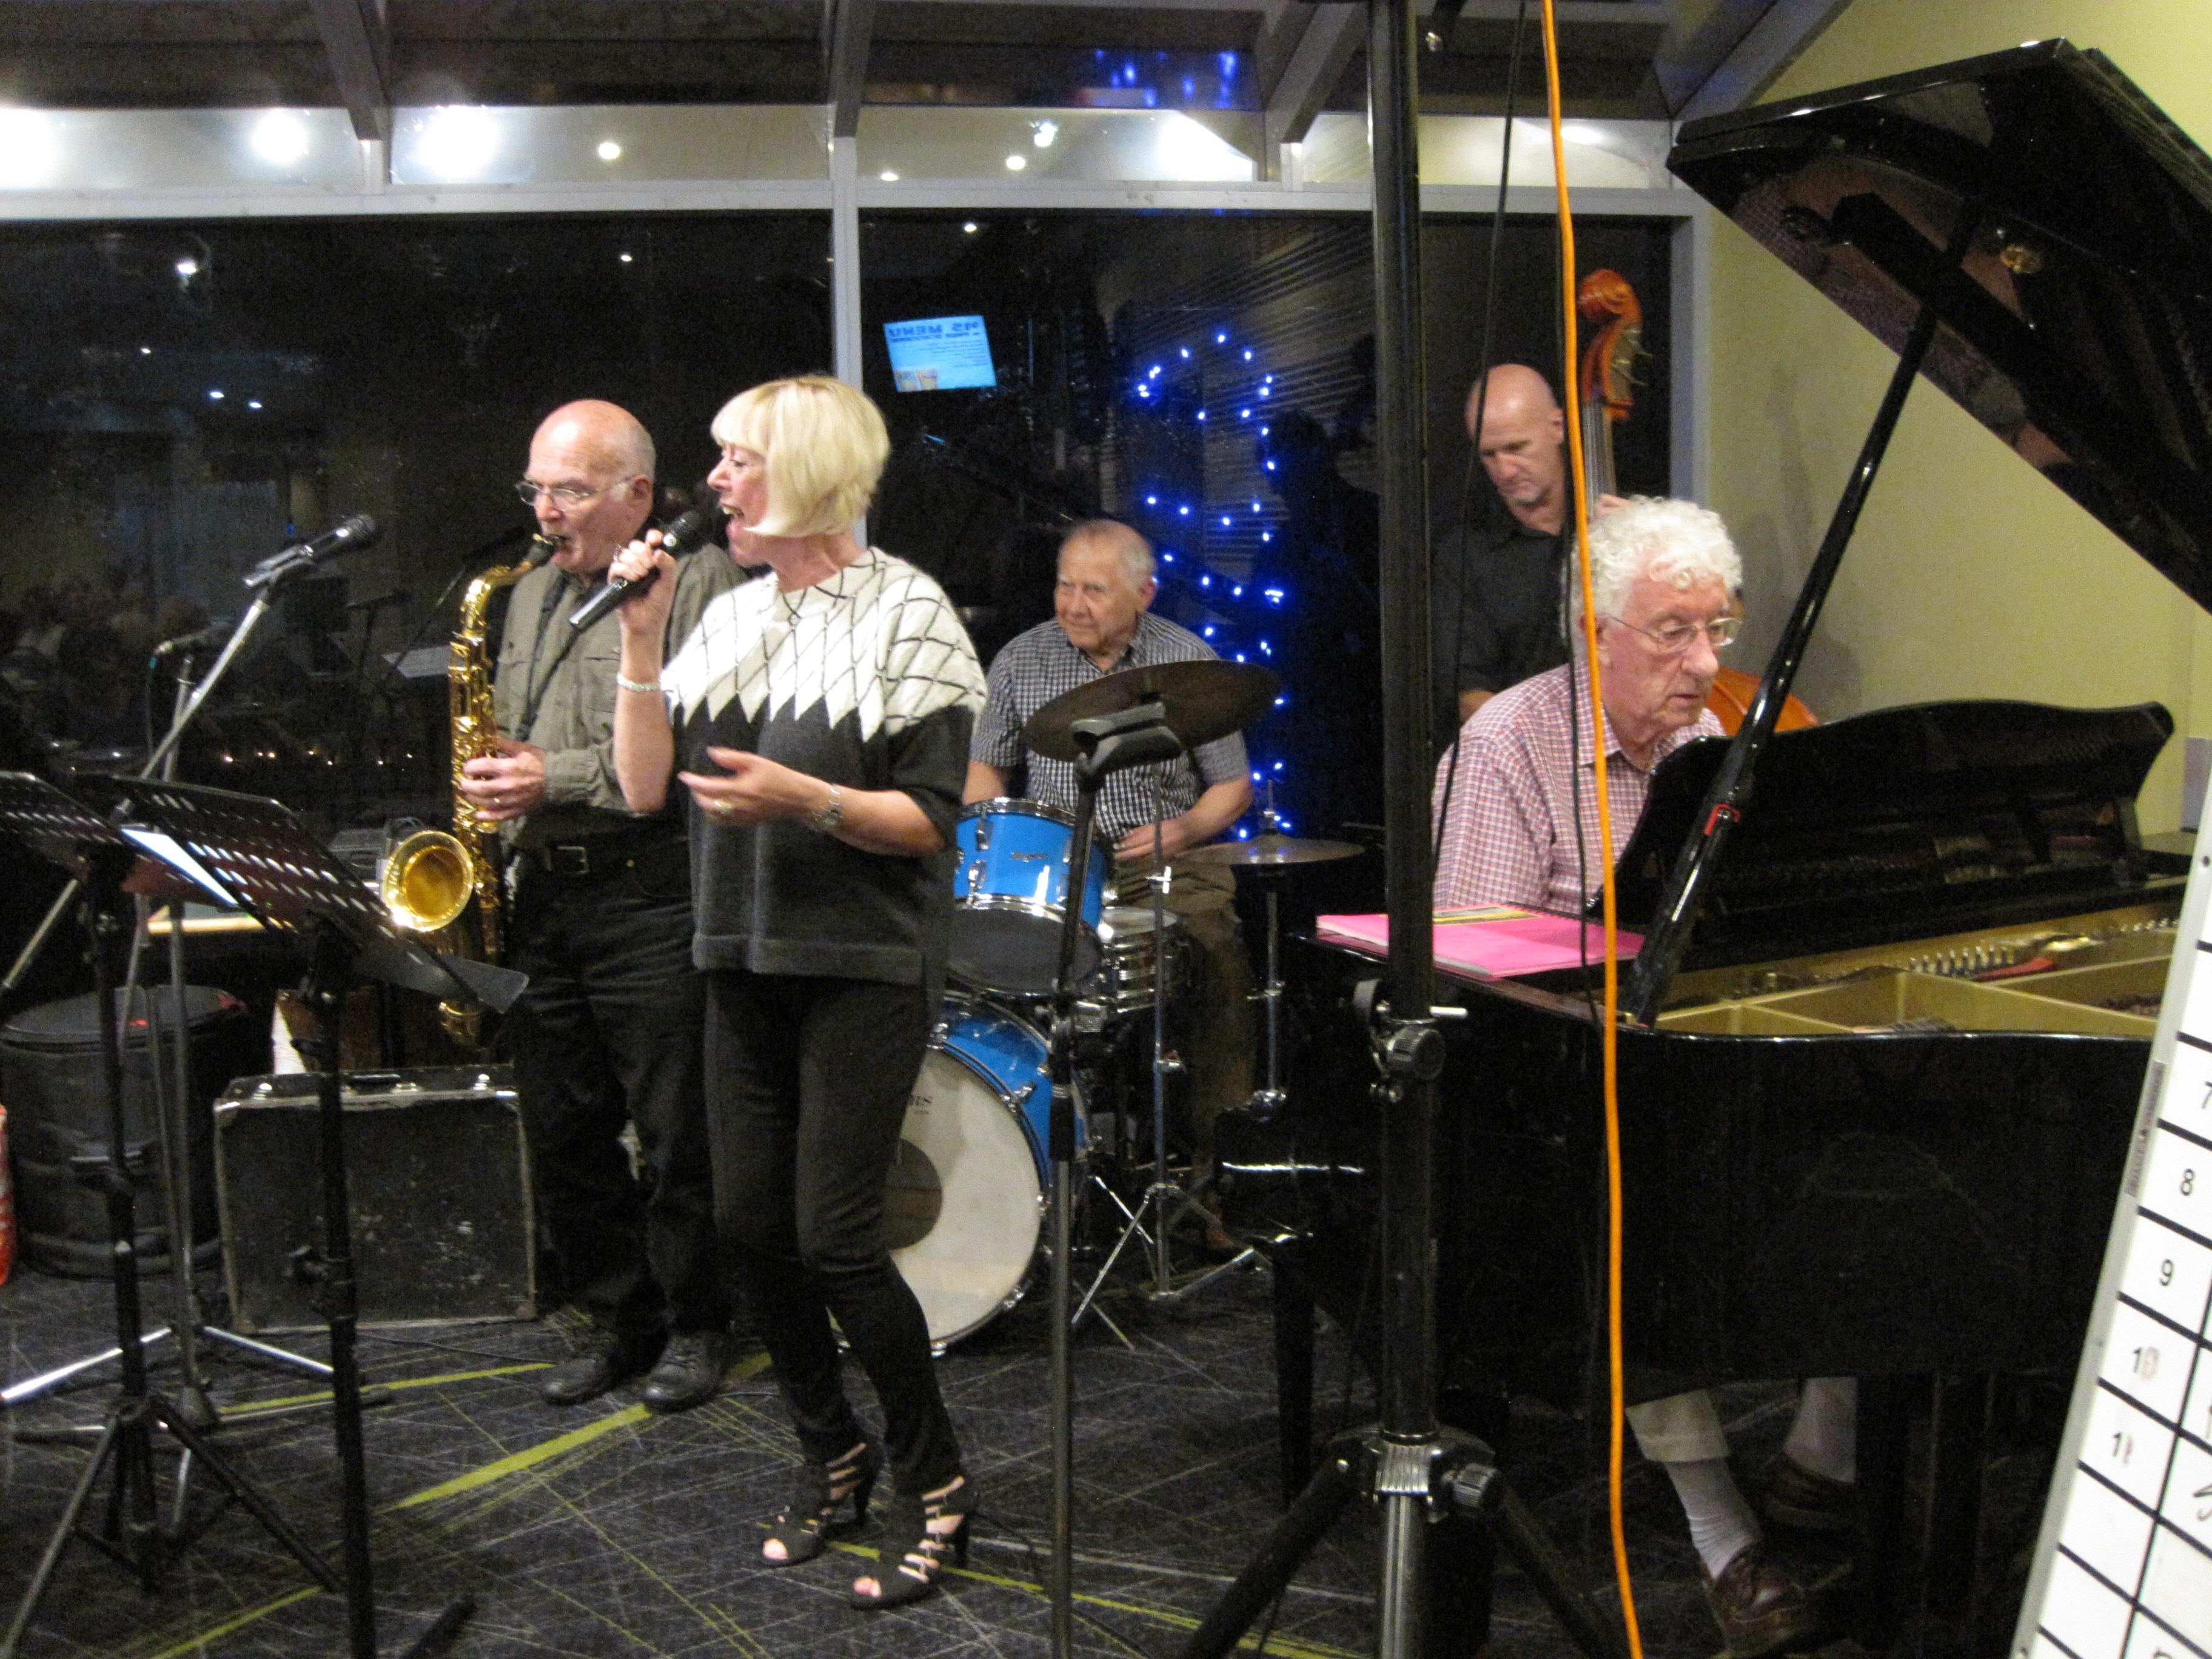 Kay Young w Colin, Howard, David and Grahame